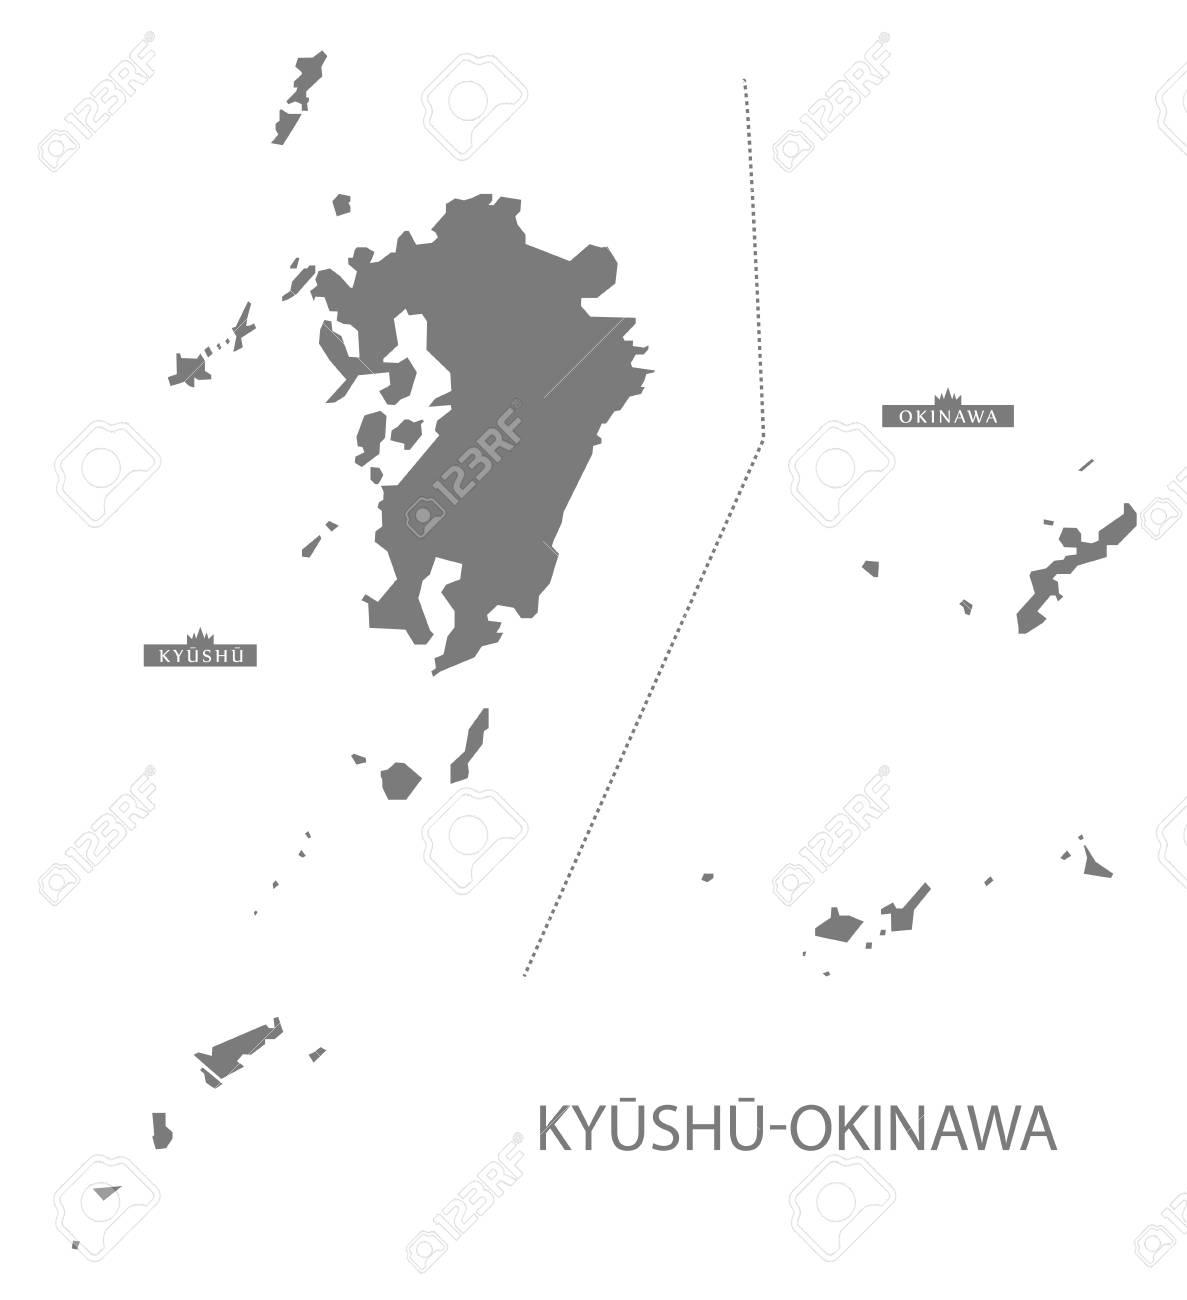 灰色で九州沖縄日本地図のイラスト素材ベクタ Image 61570125